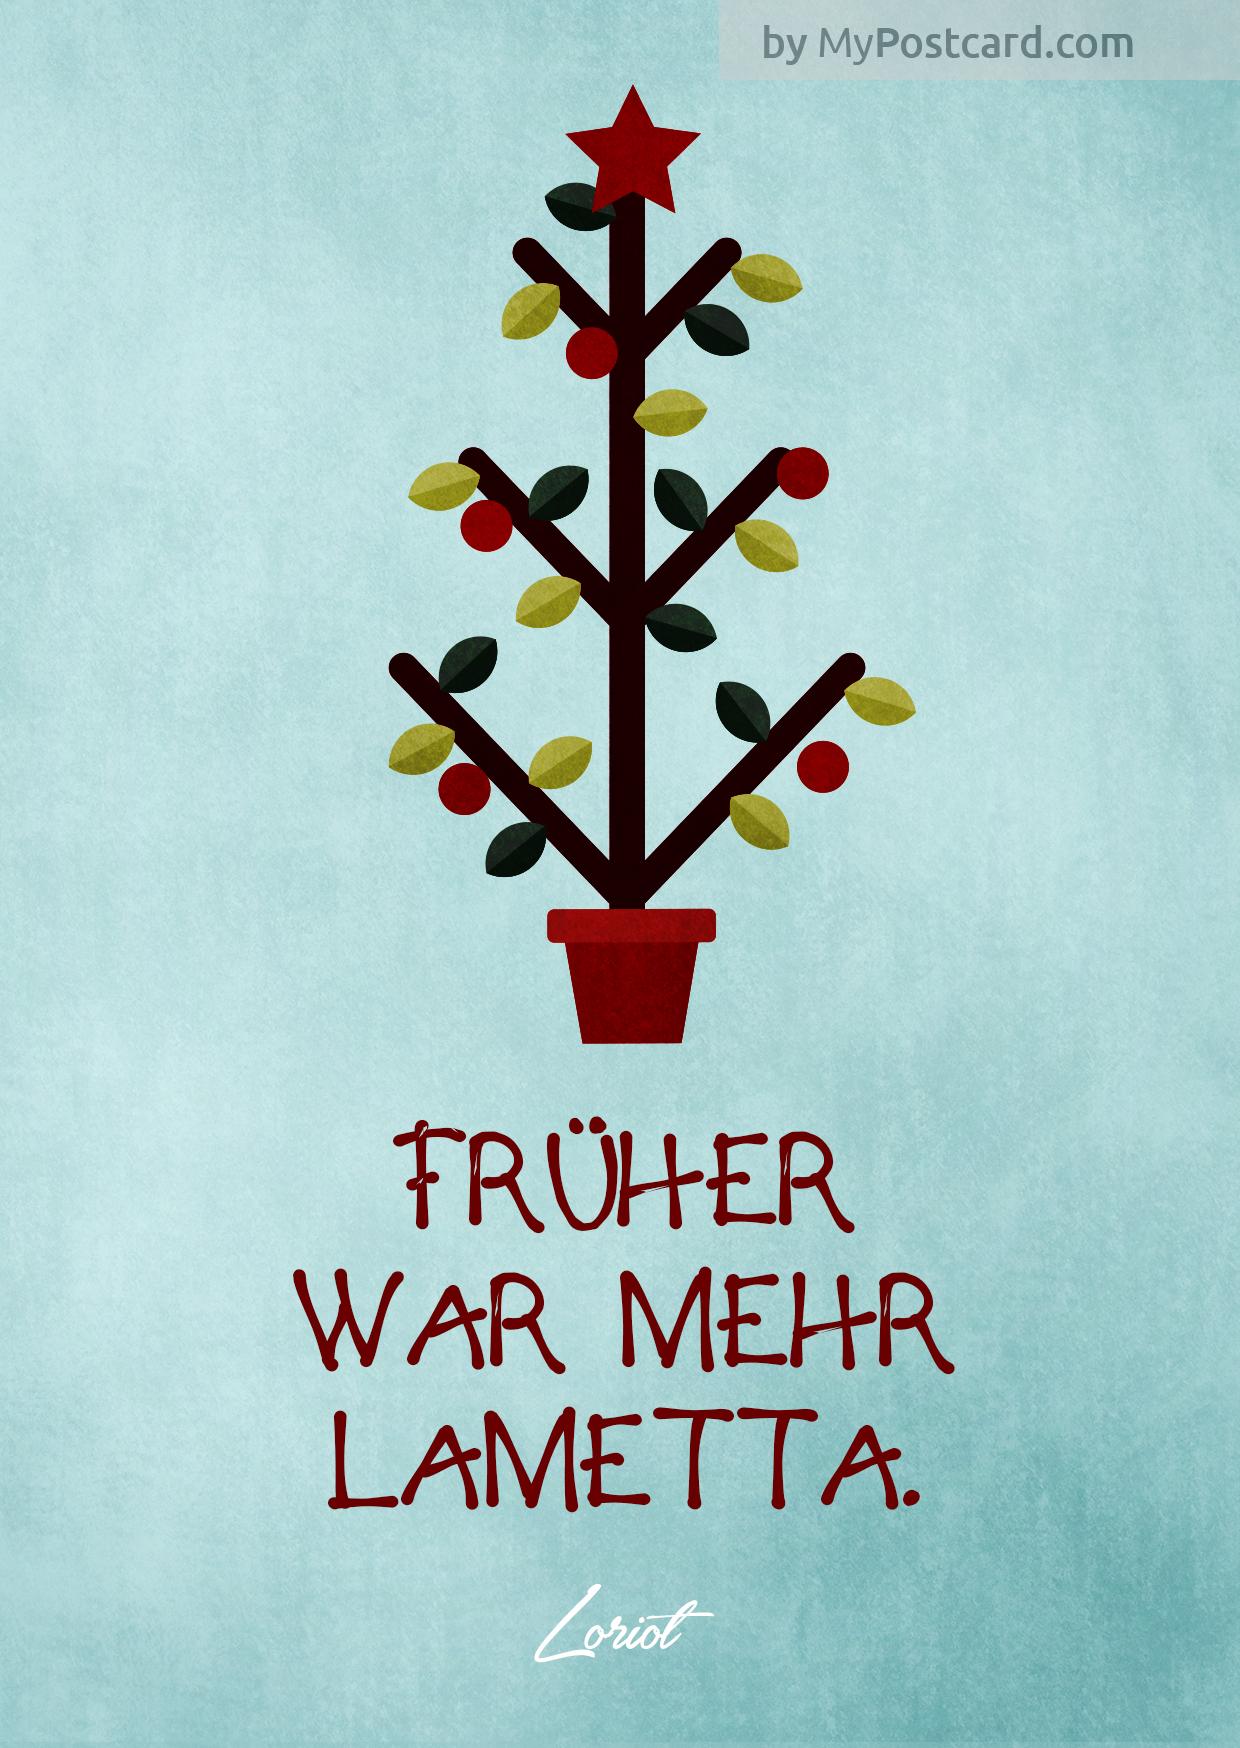 Lustige Weihnachtsgedichte Loriot.Lustige Grußkarte Weihnachten Früher War Mehr Lametta Von Loriot